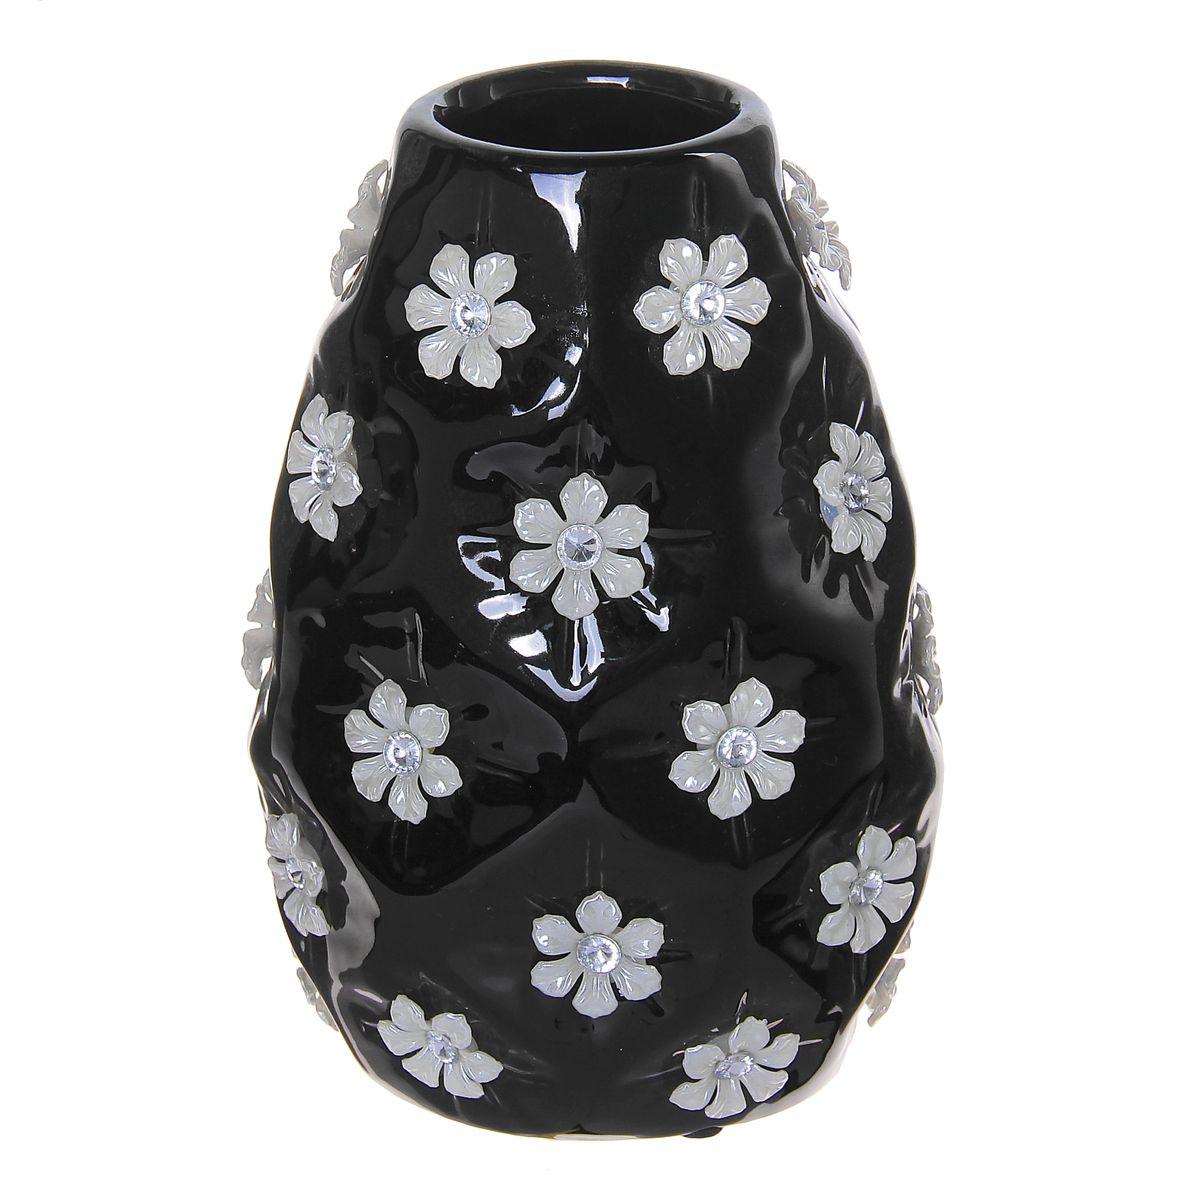 Ваза керамика цветочный дождь 19*13*10,5 см 866197866197Керамика